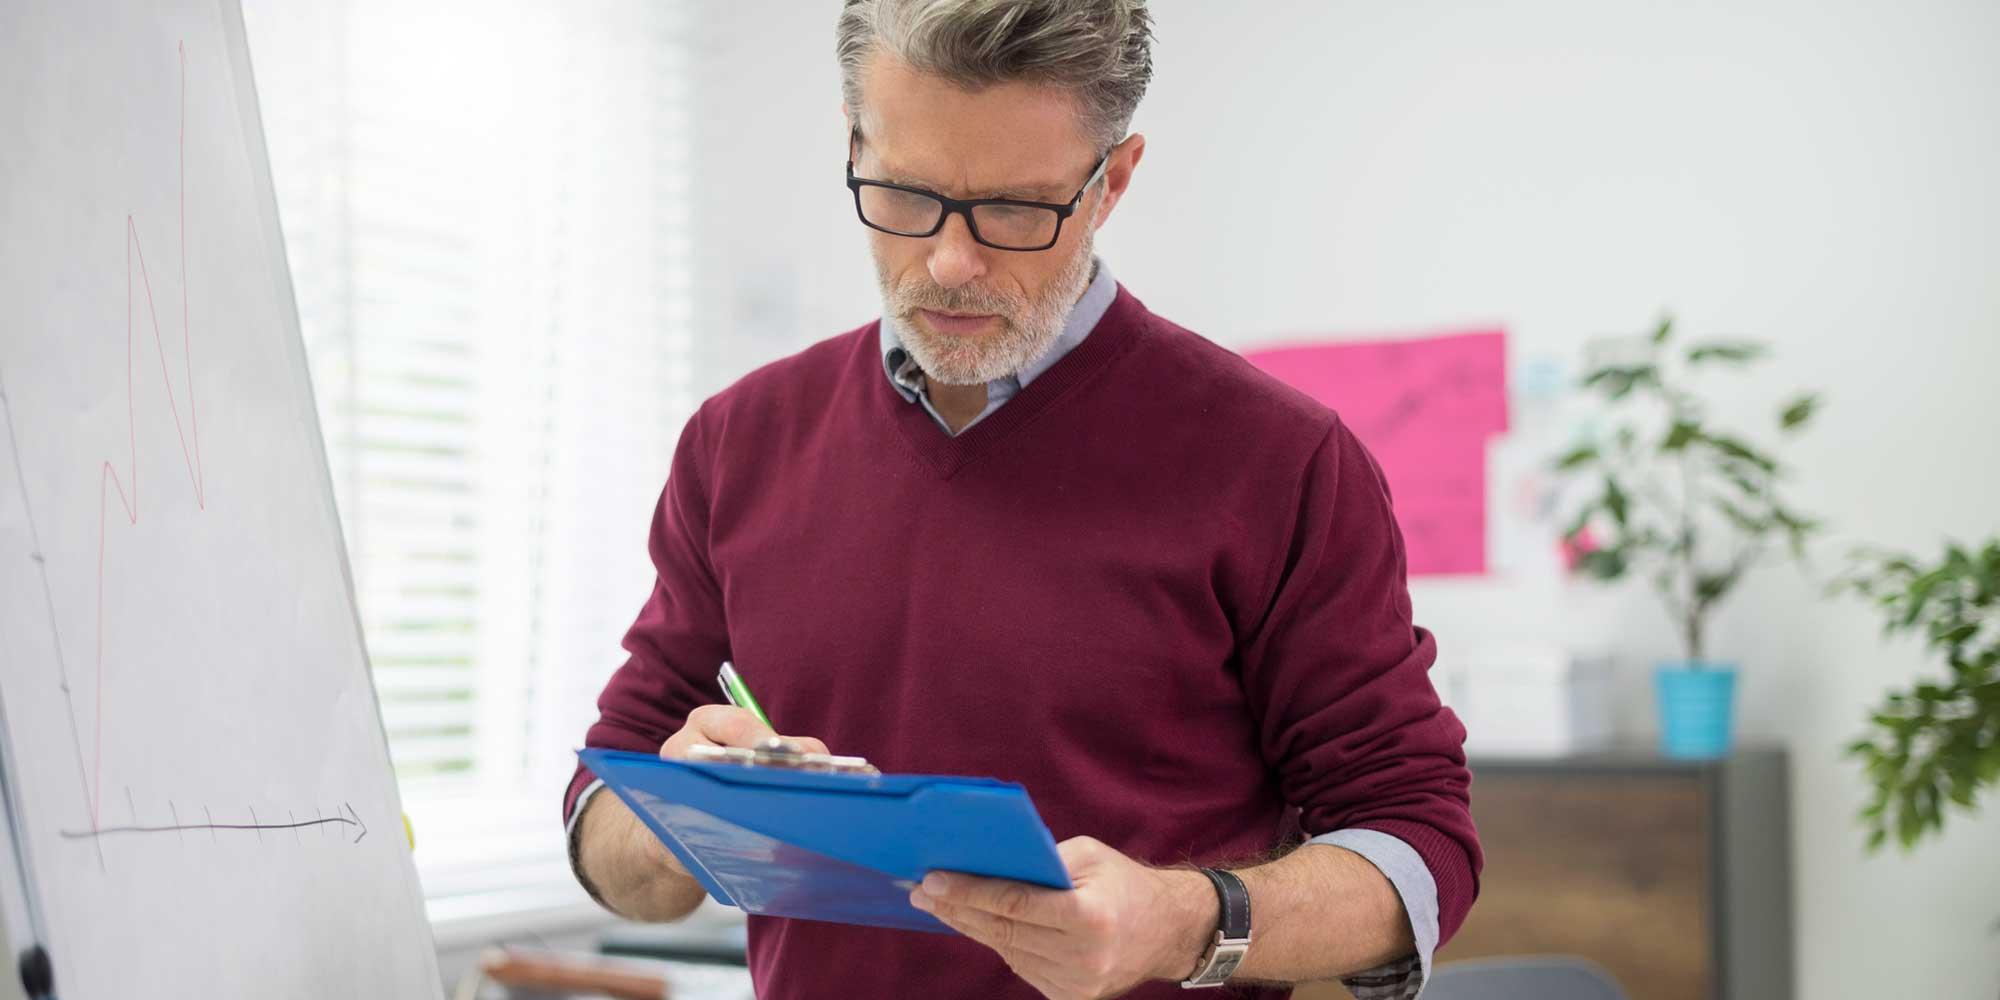 Boas práticas de gestão: o seu escritório é à prova de falhas de caráter?